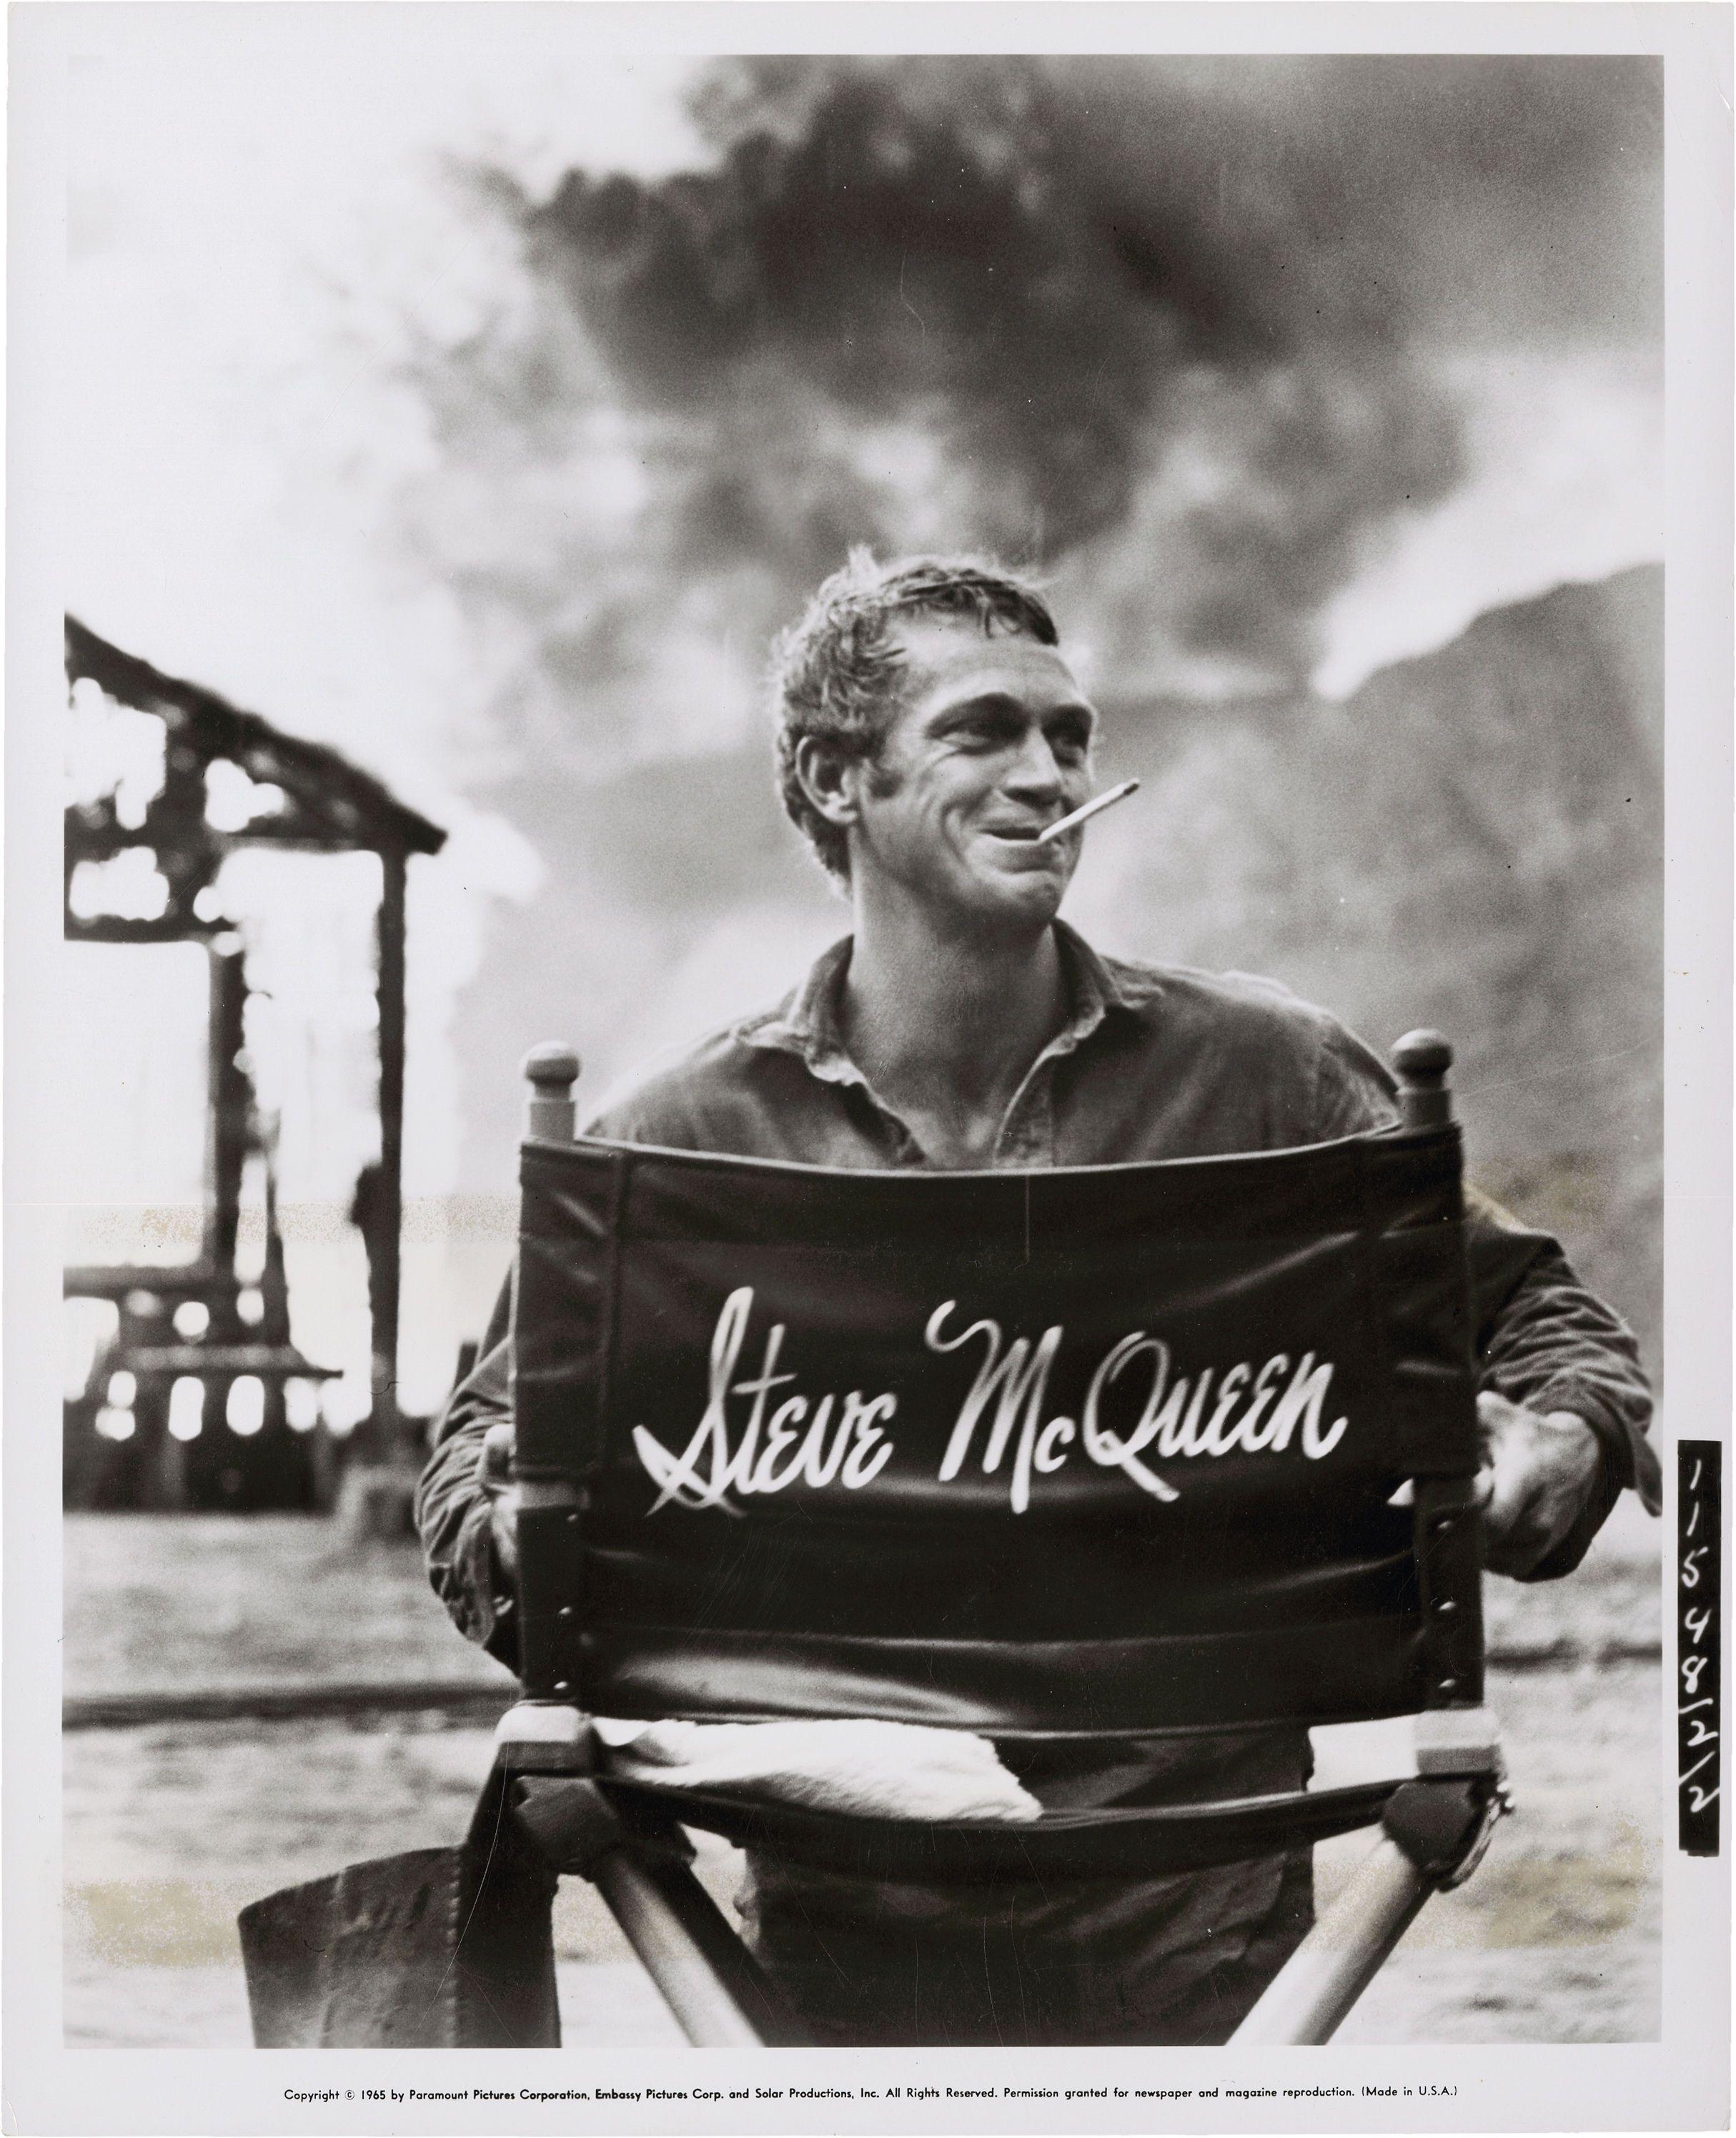 Famous Steves with regard to steve mcqueen, 1965 | people | pinterest | steve mcqueen, mcqueen